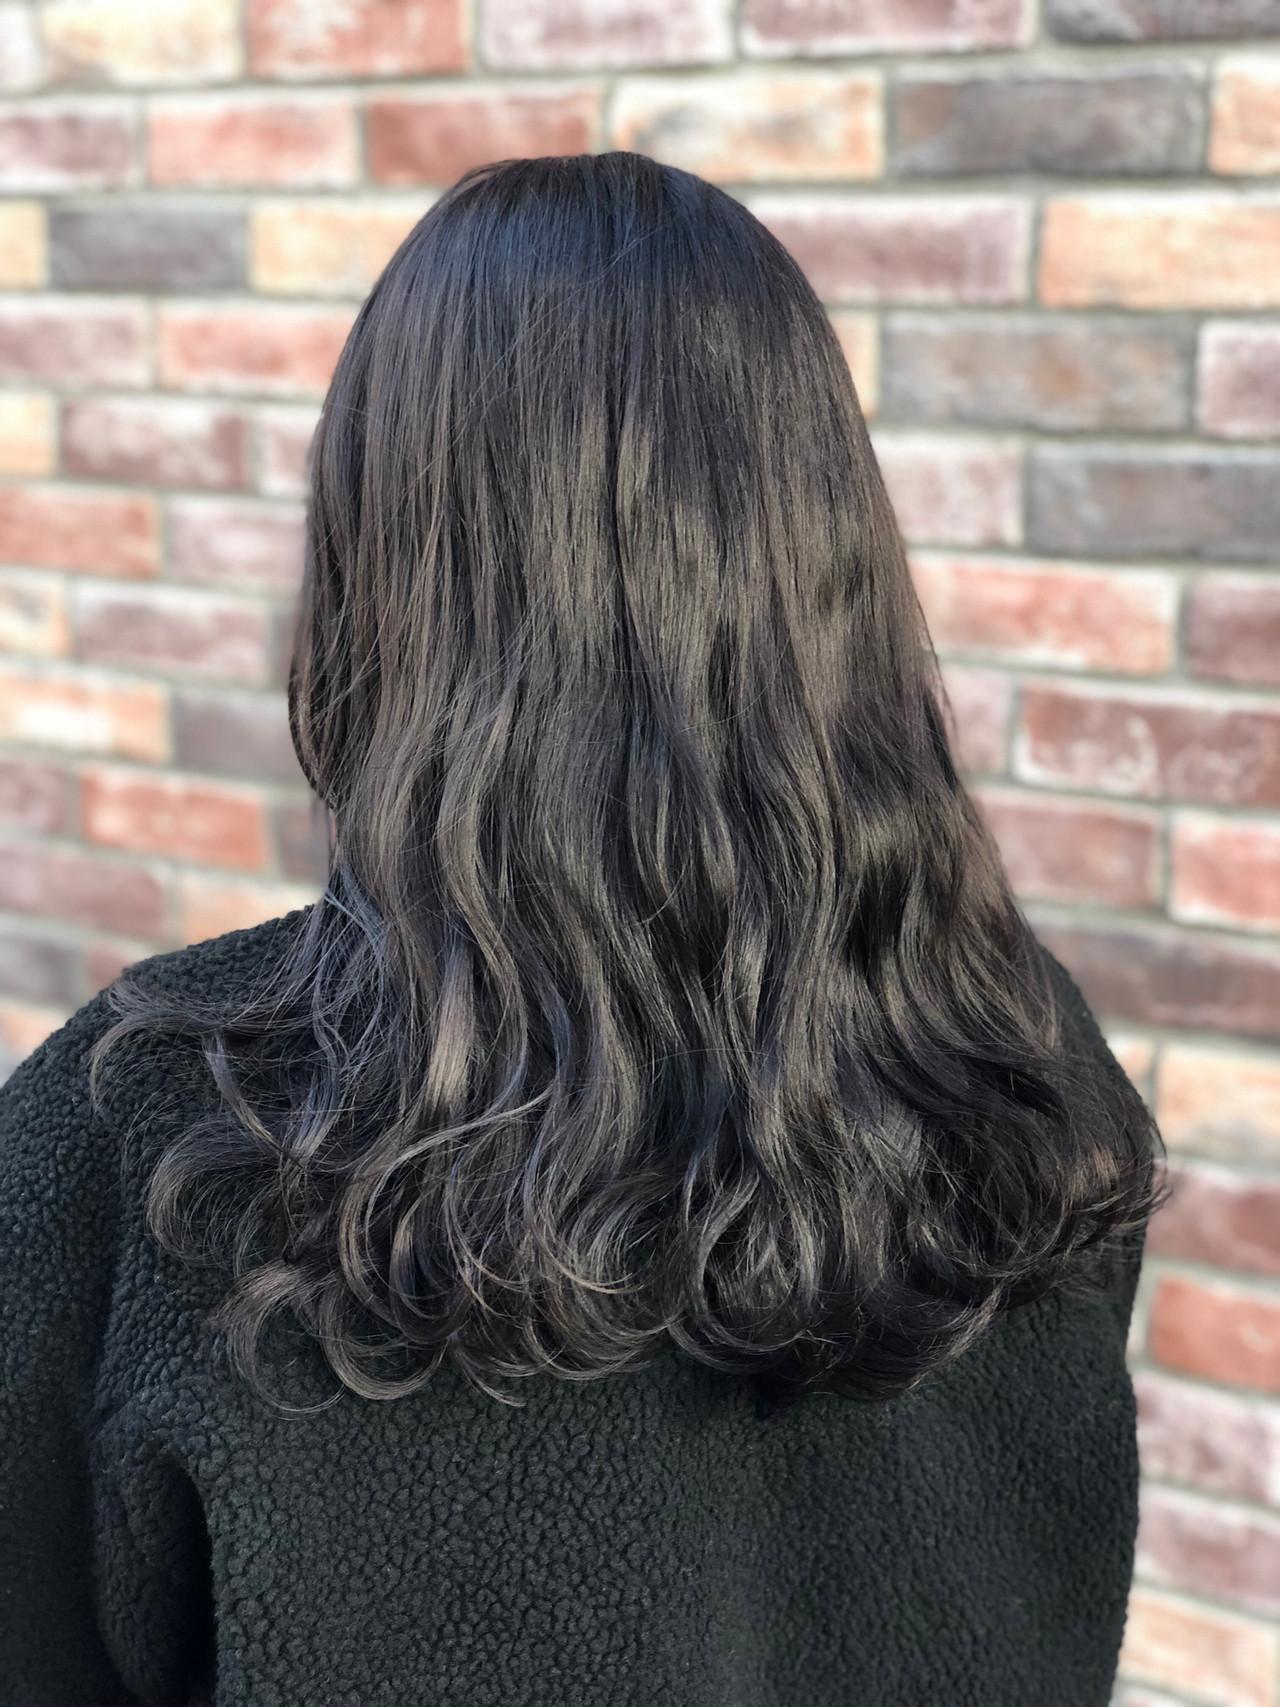 プラスツヤ感の暗髪ロンググレーヘアカラー 永井大樹